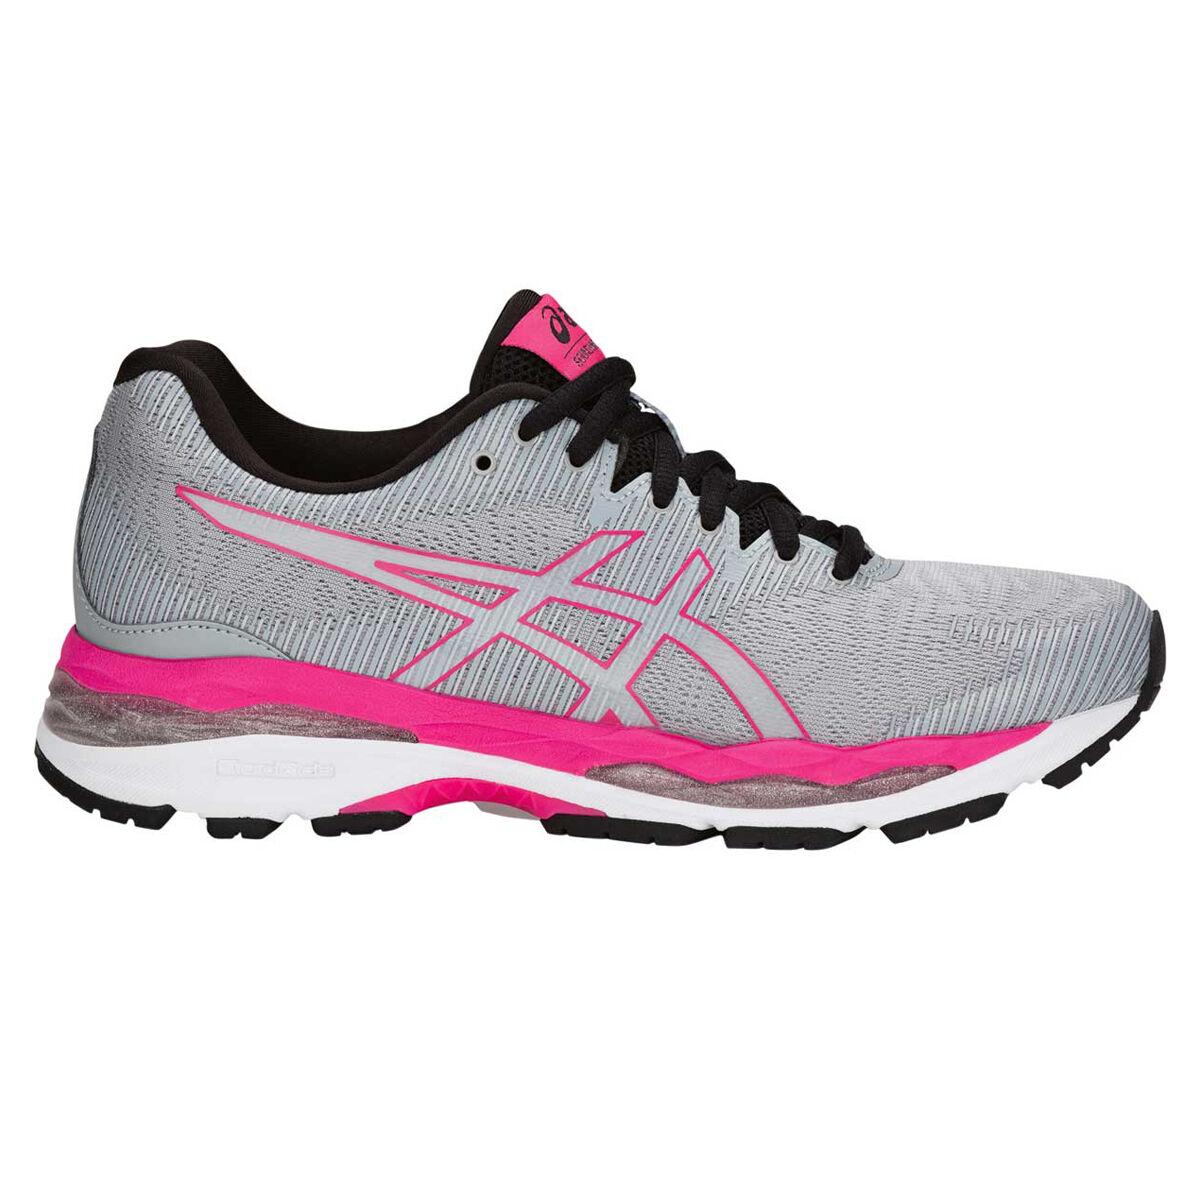 Asics GEL Ziruss 2 Womens Running Shoes | Rebel Sport